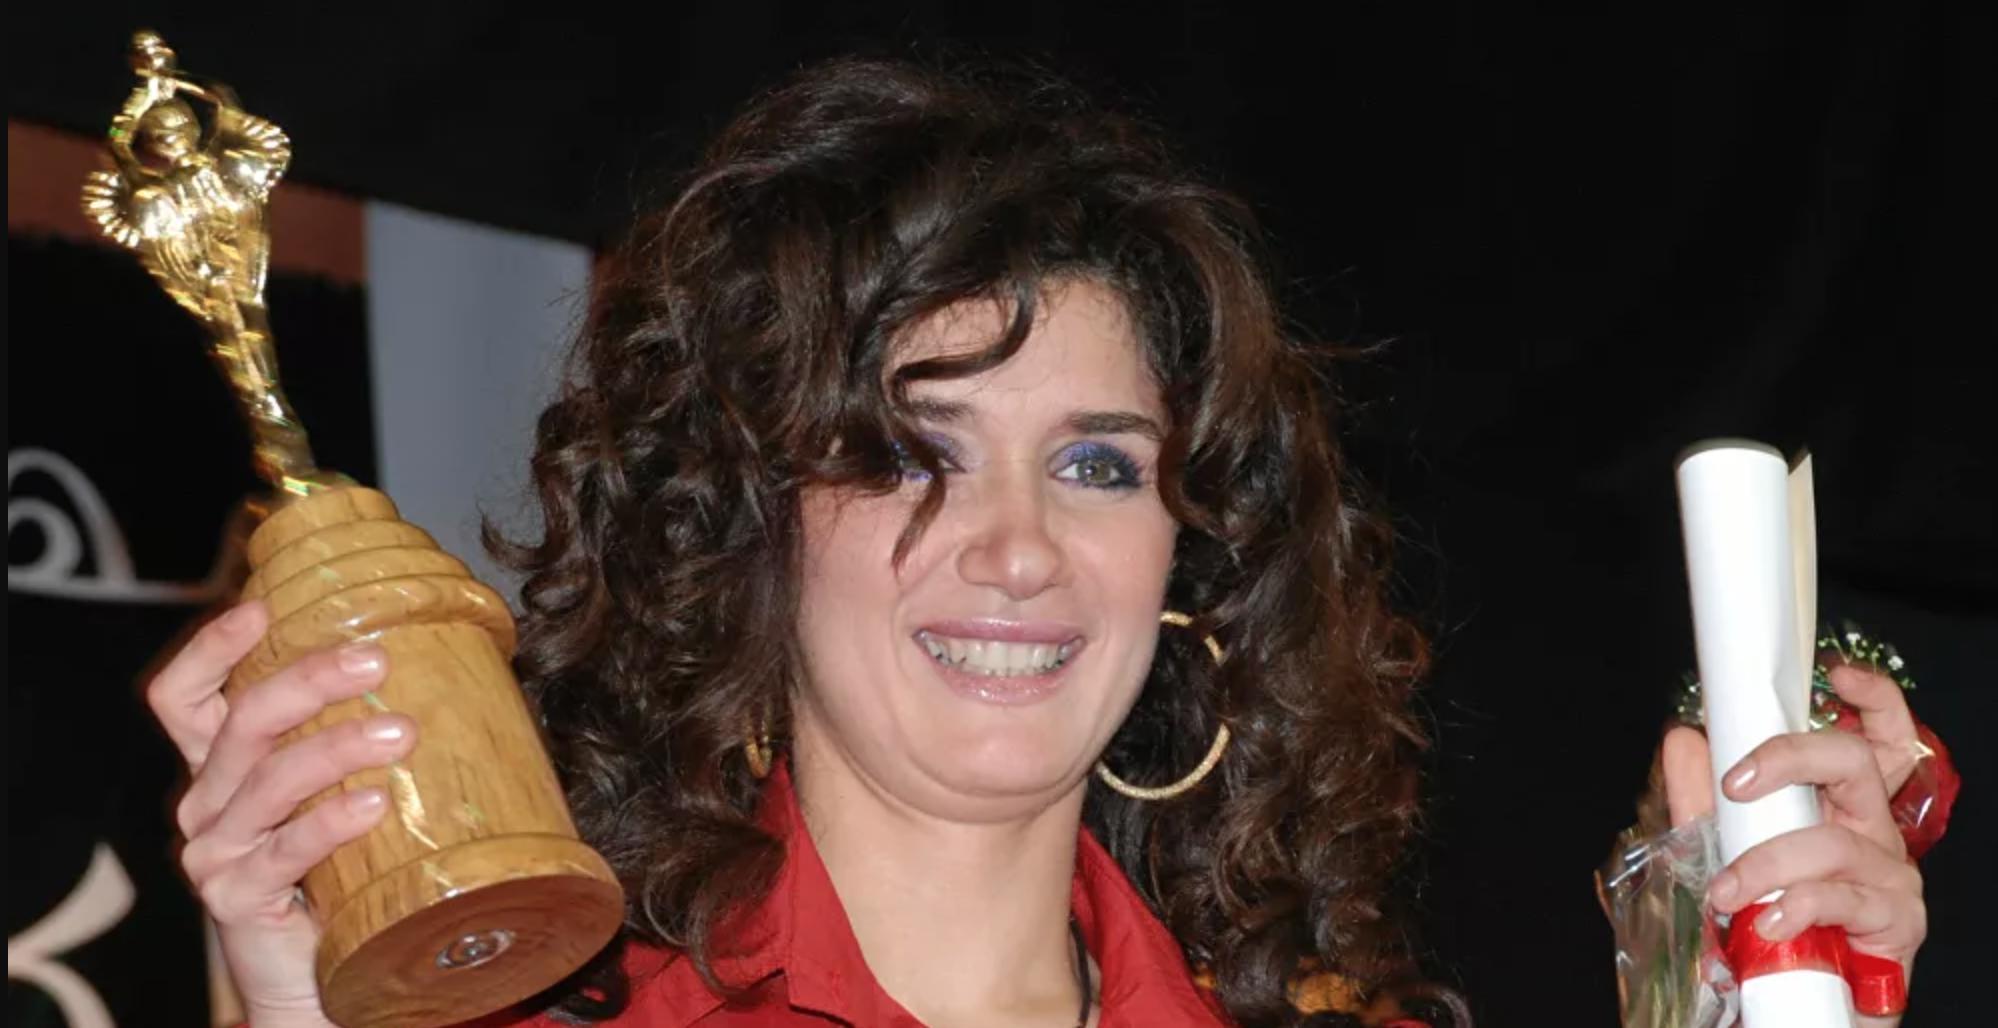 غادة عادل تؤكد إصابتها بفيروس كورونا 4